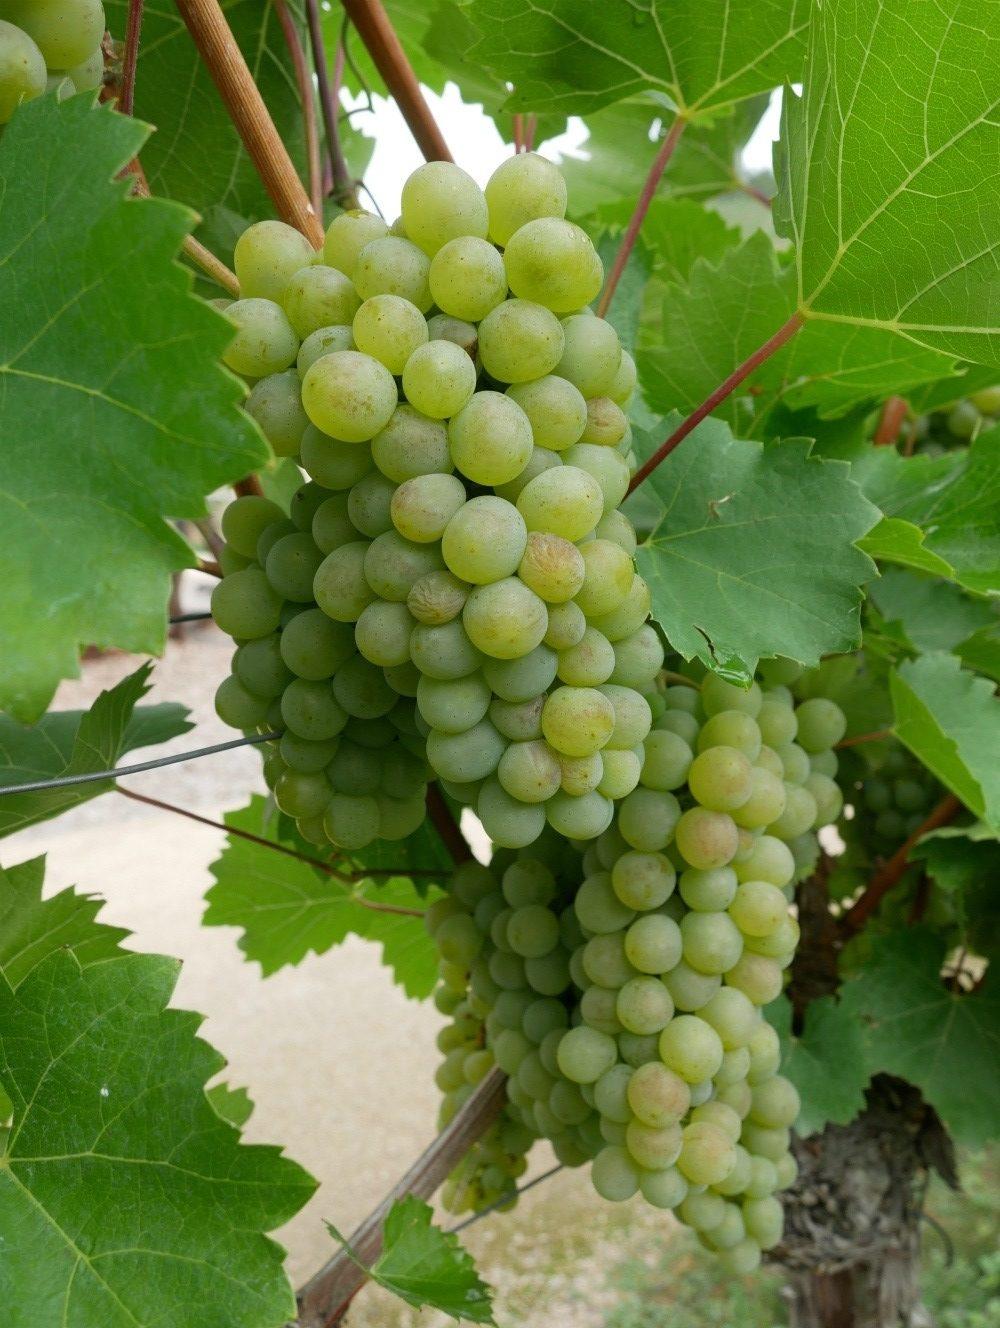 Grapes at Schloss Wackerbarth winery near Dresden, Saxony, Germany Photo Heatheronhertravels.com